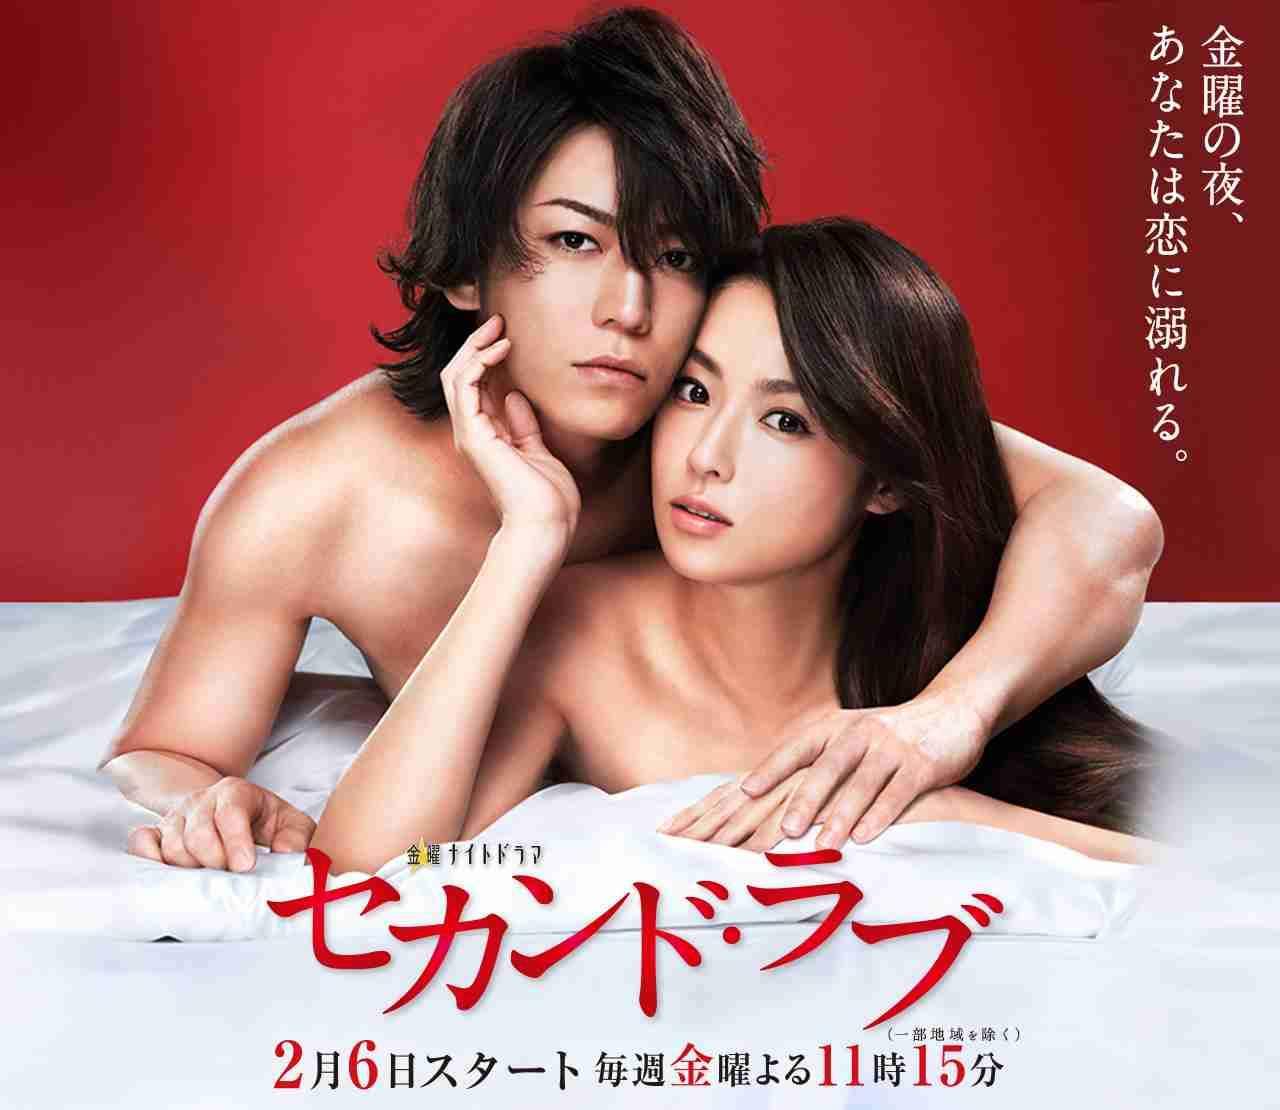 KAT-TUN亀梨和也、深田恭子の恋愛ドラマ「セカンド・ラブ」初回視聴率は8.2%